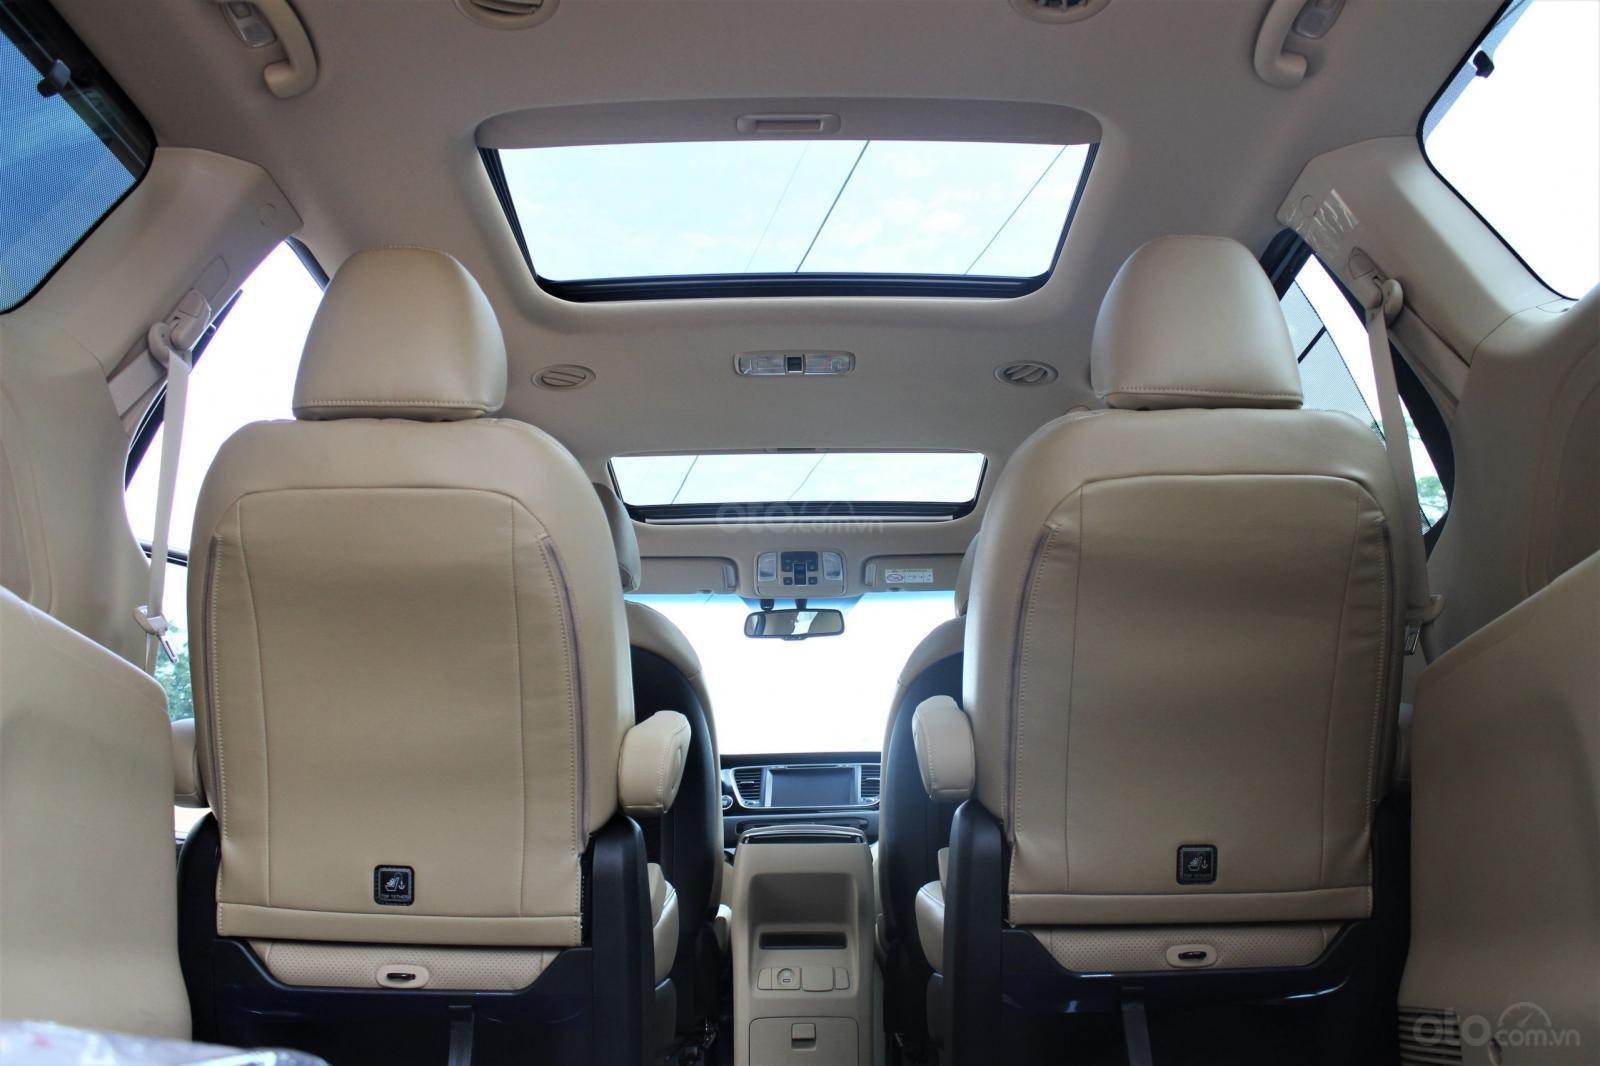 Bán Sedona 2019 - có xe giao tết, giảm ngay tiền mặt + quà tặng cuối năm - LH 0949 820 072-6